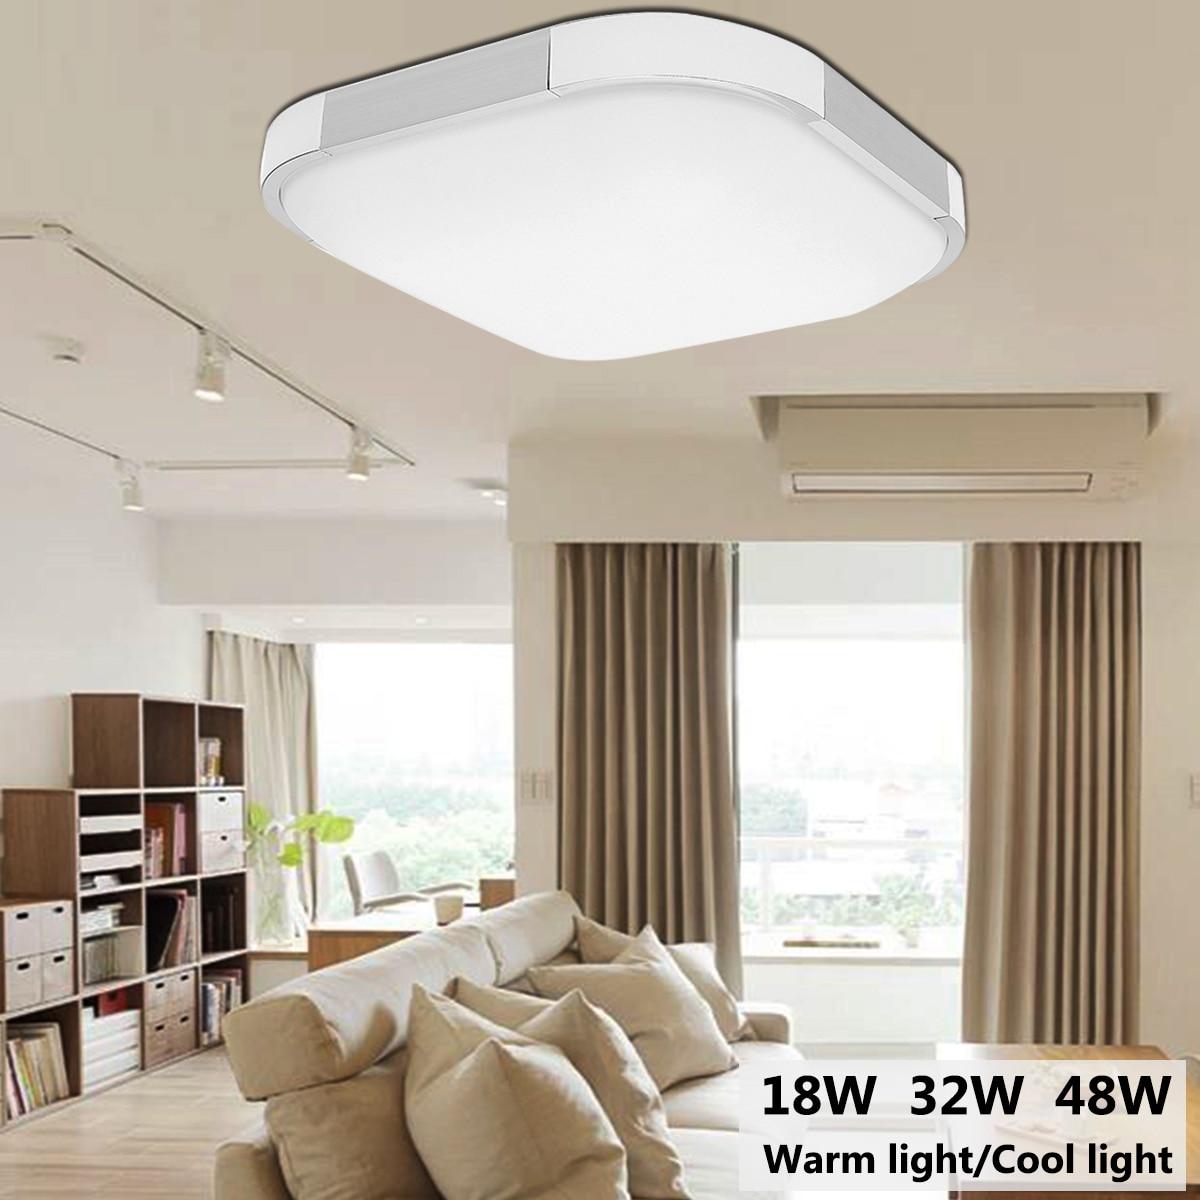 18/36/48W Square Led Ceiling Lights Modern Lamp Down light for Living Room Crystal Lamp Led Lights for Living Room Bedroom